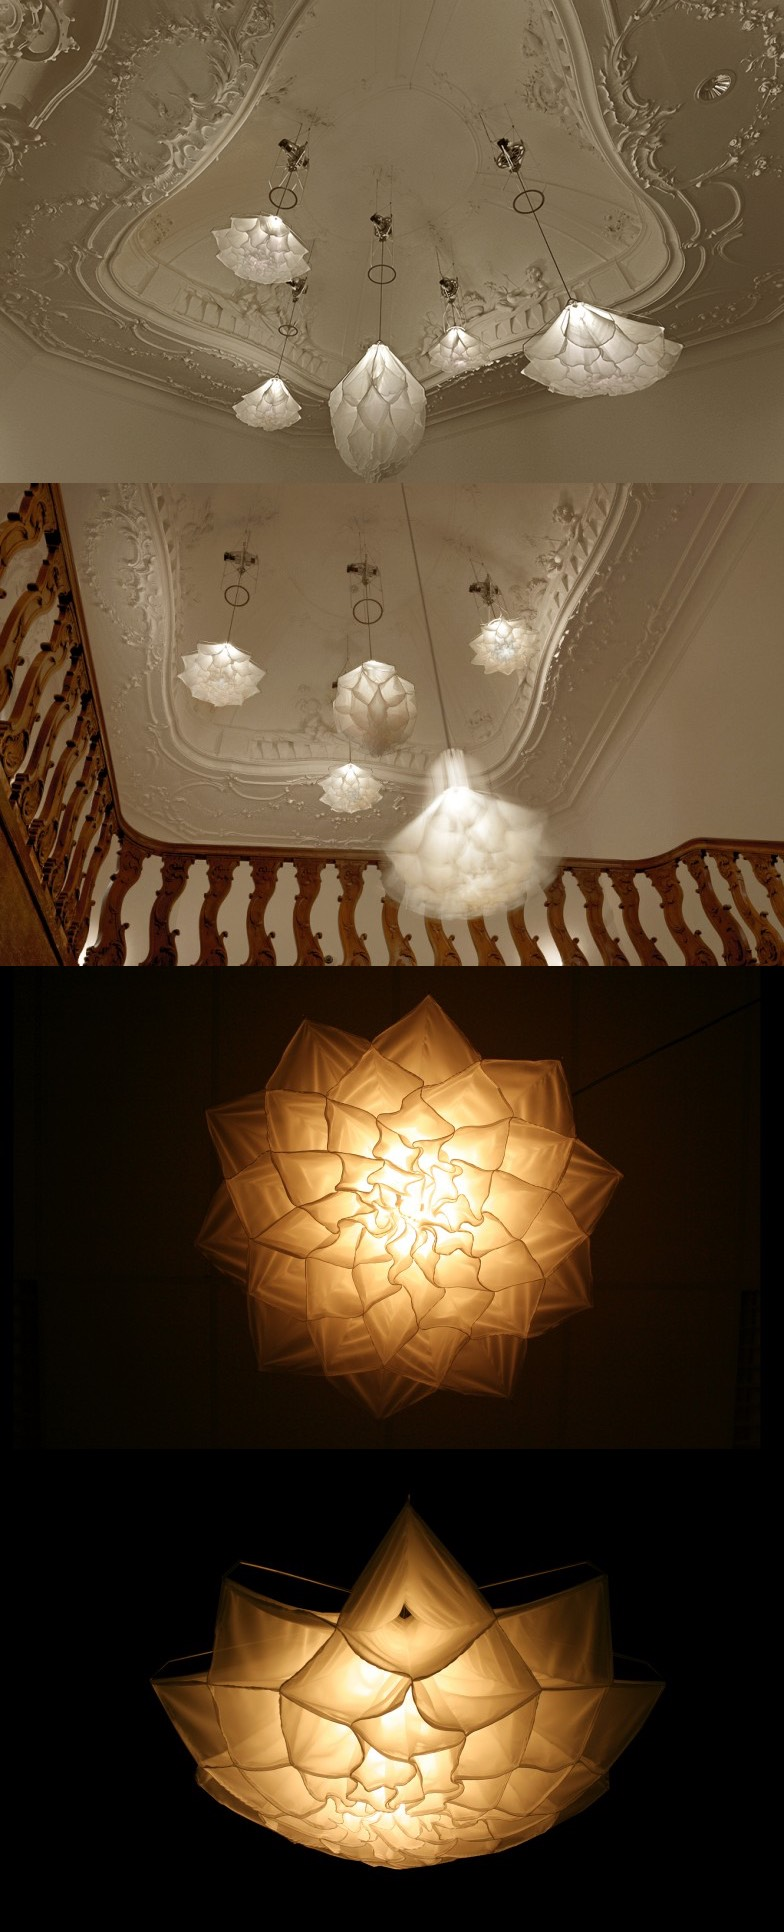 Wedo thiết kế đèn chiếu sáng độc đáo và sang trọng cho nhà hiện đại